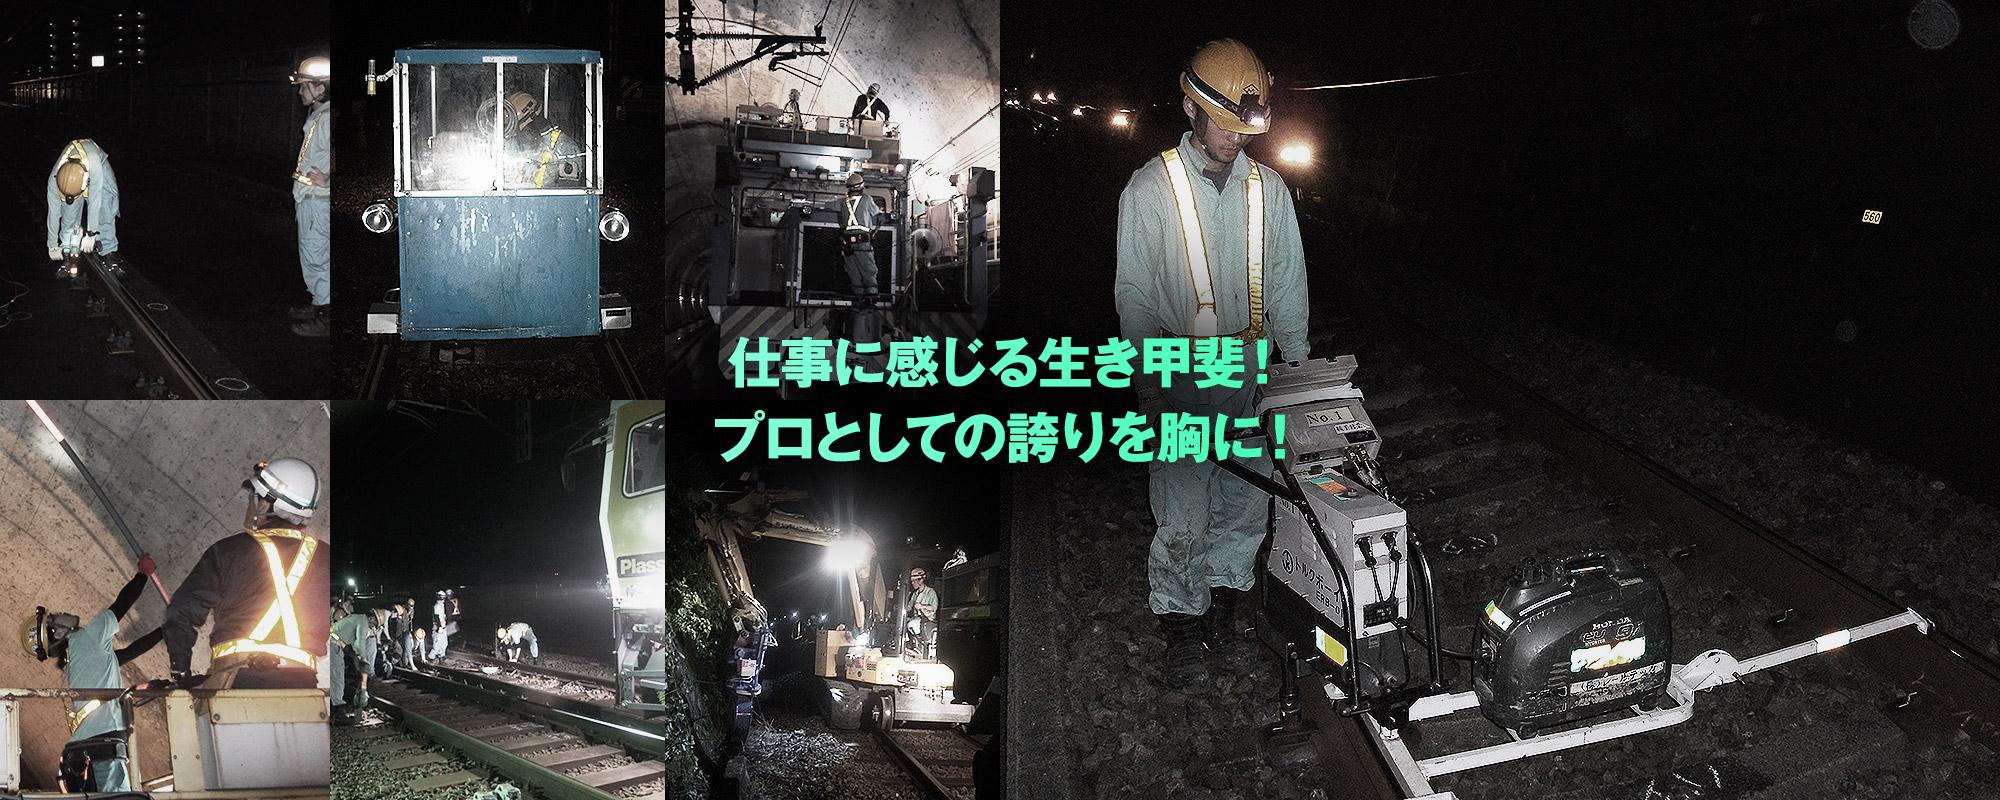 pc_teaser_01_04